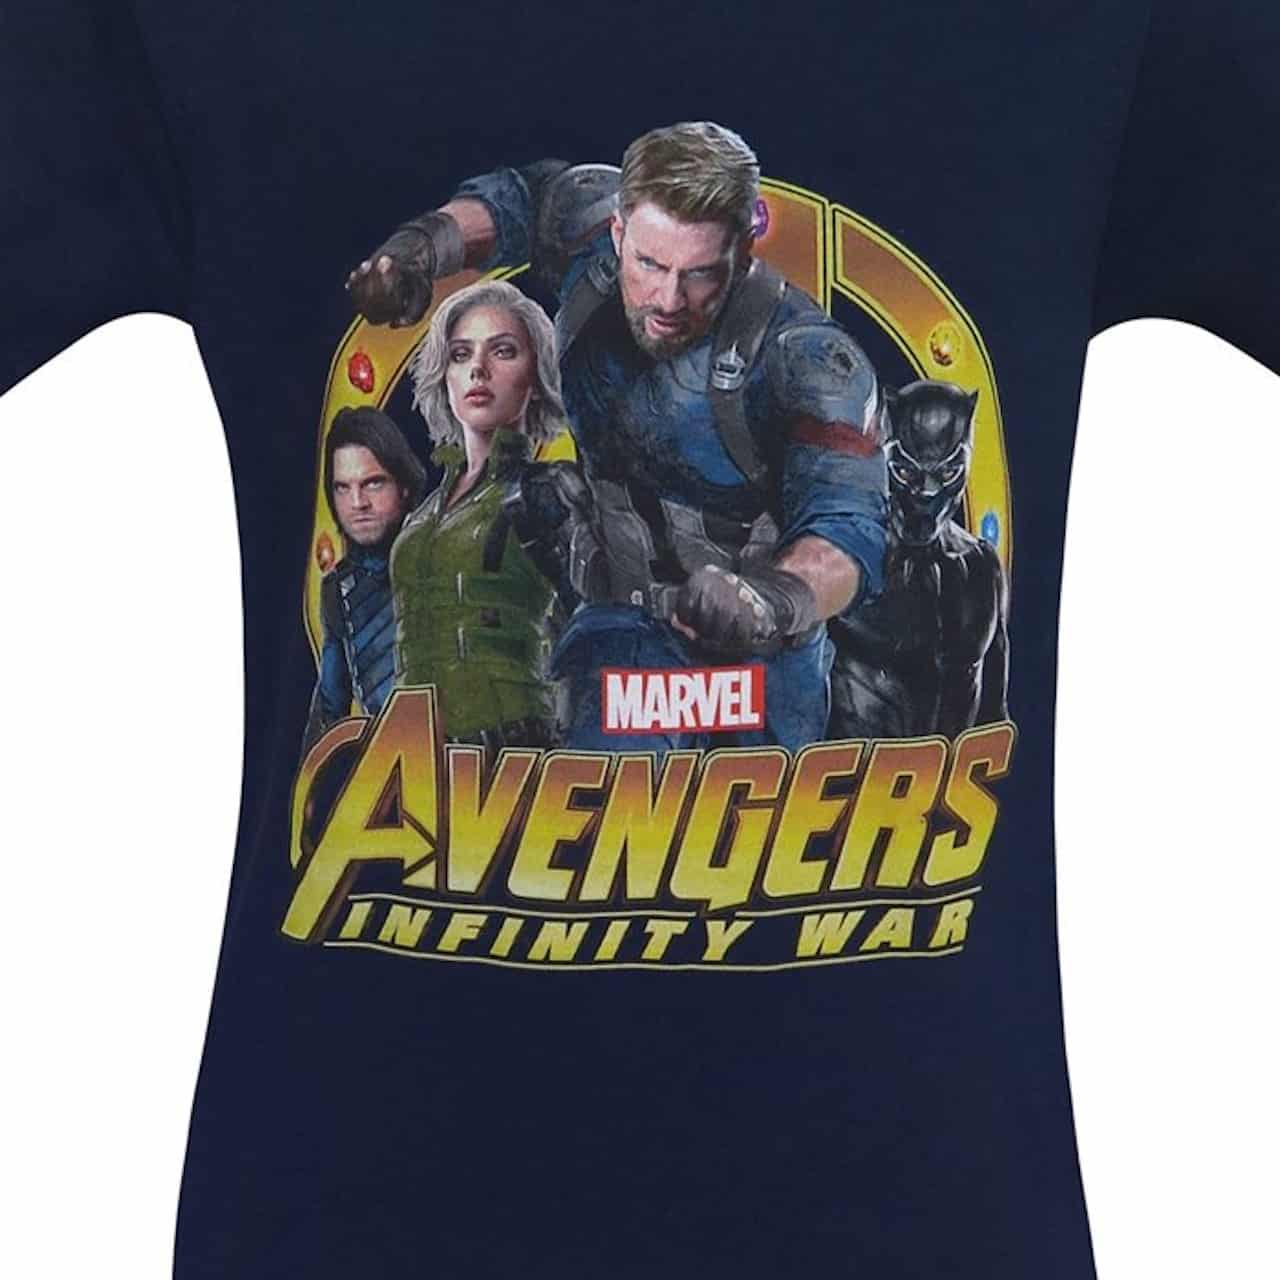 Avengers: Infinity War Cinematographe